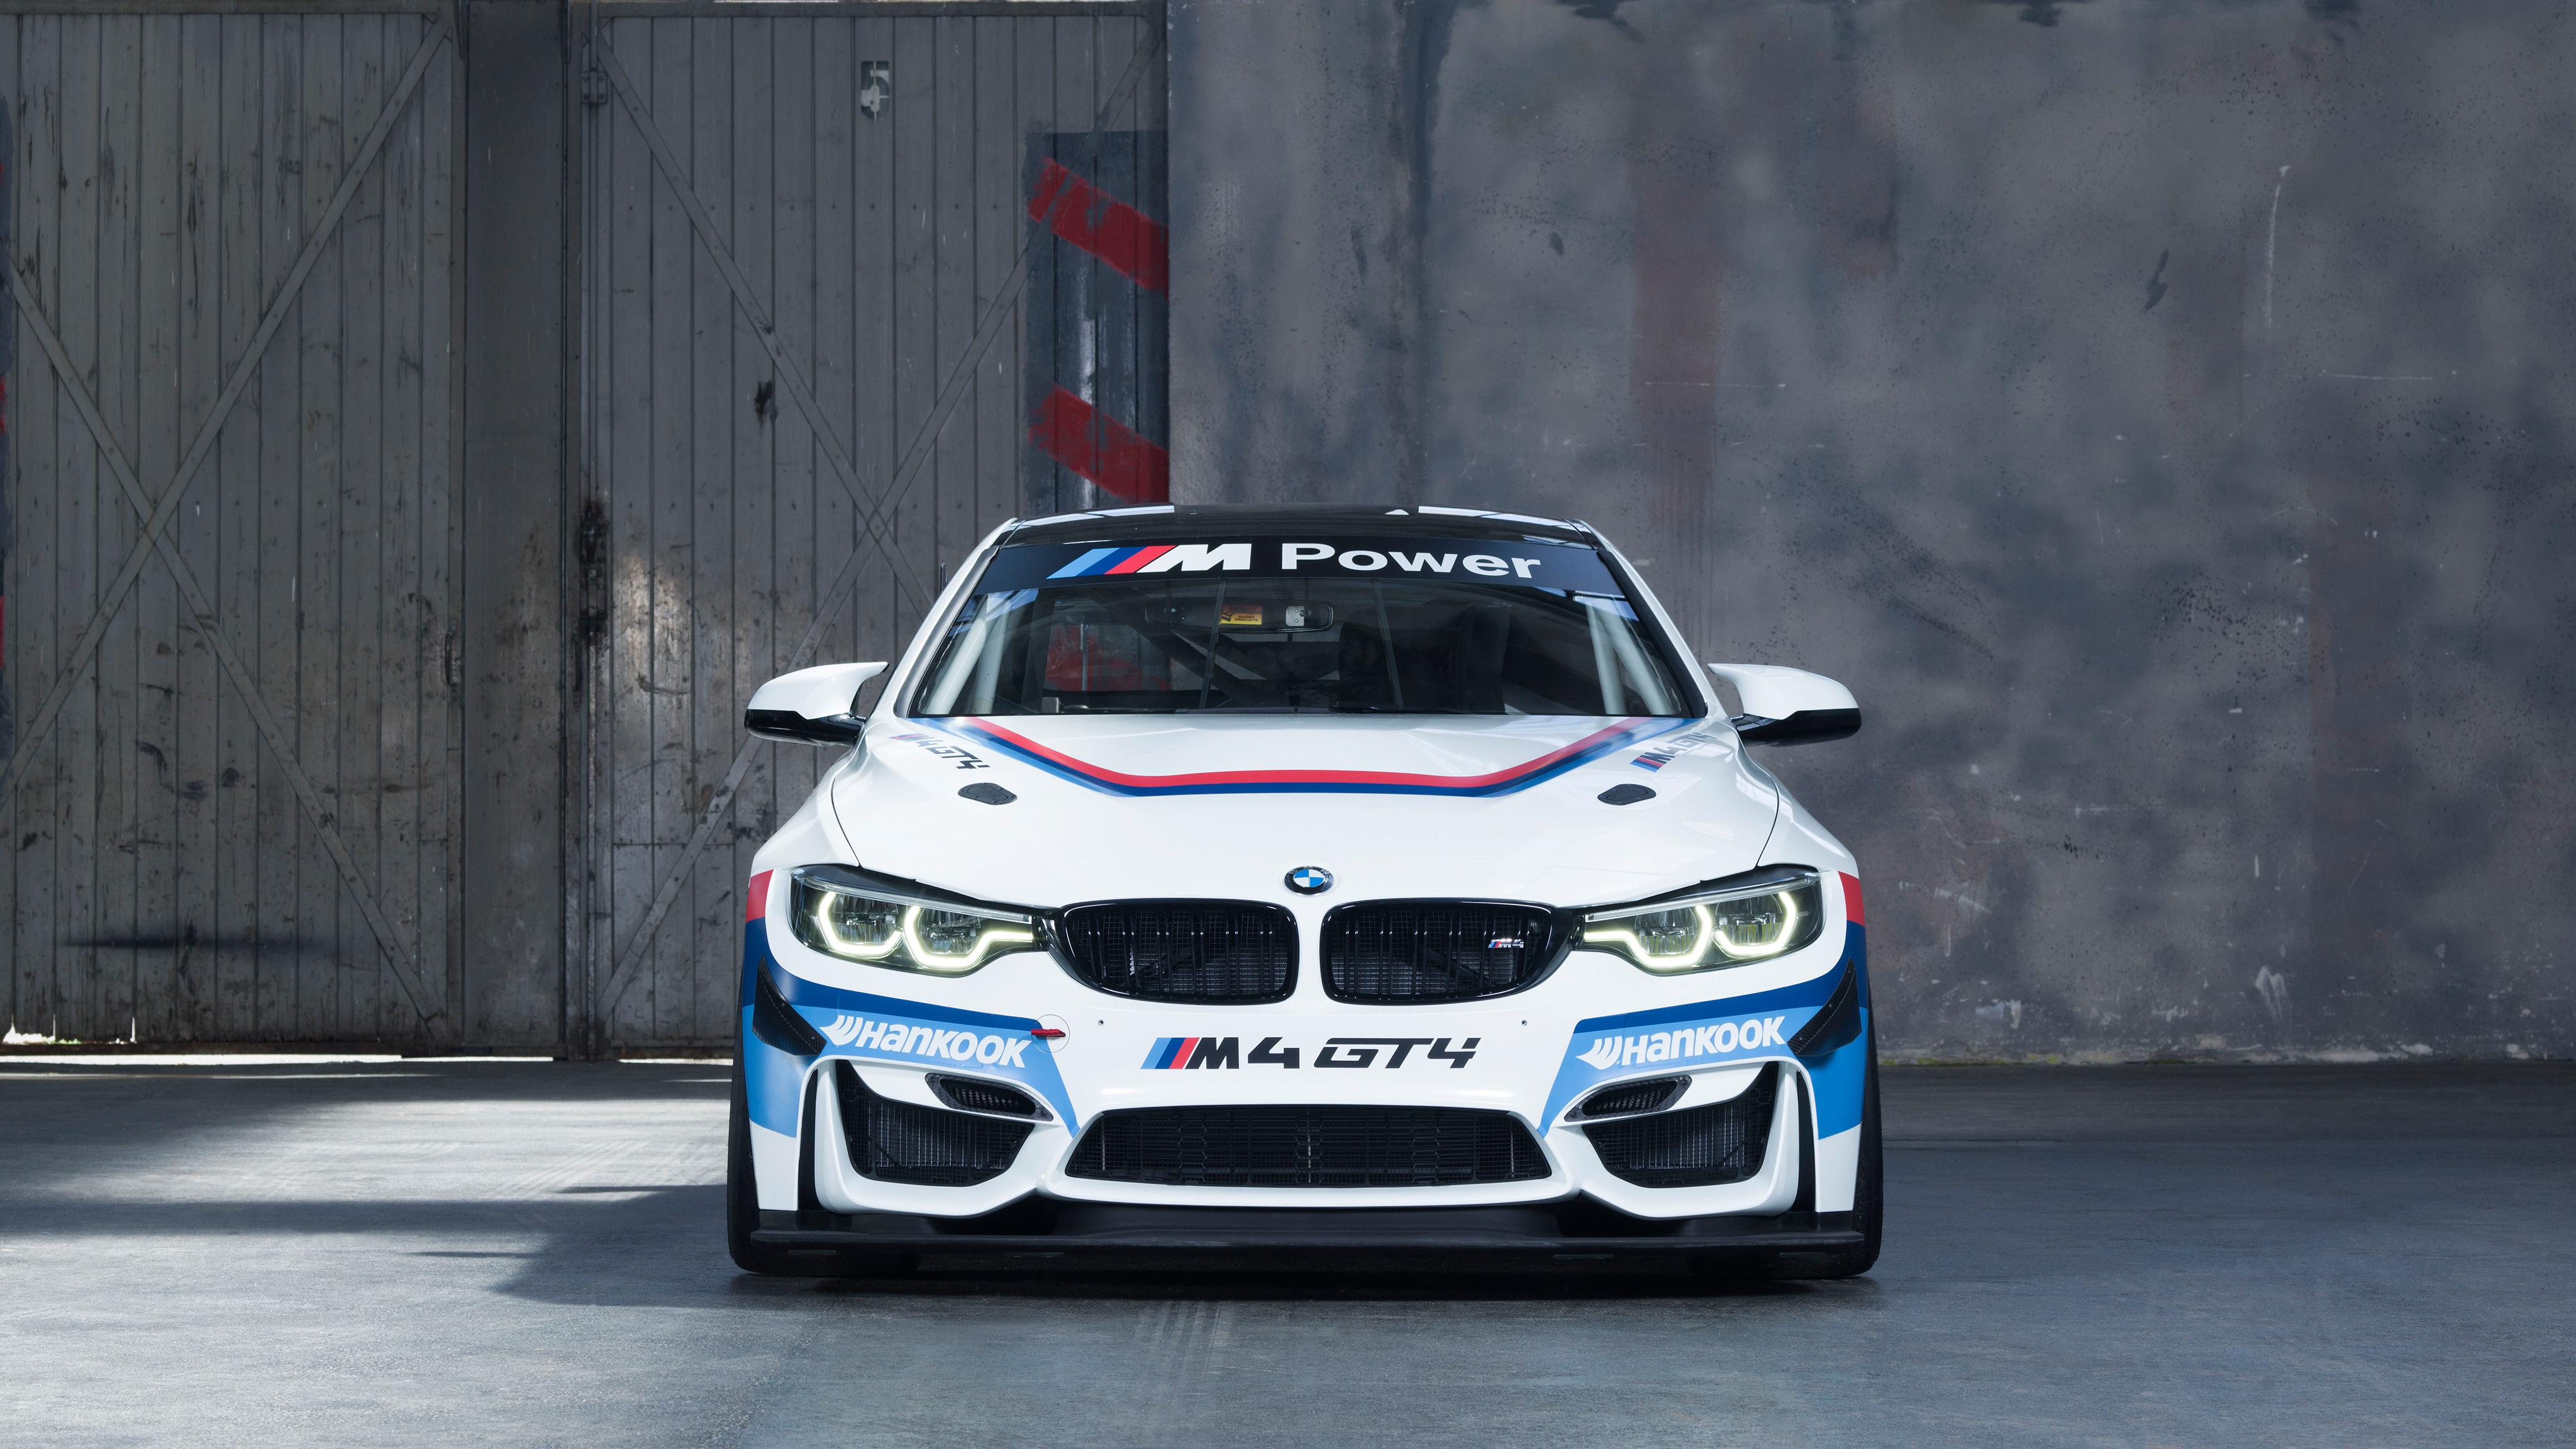 2018 BMW M4 GT4 Wallpaper | HD Car Wallpapers | ID #7815